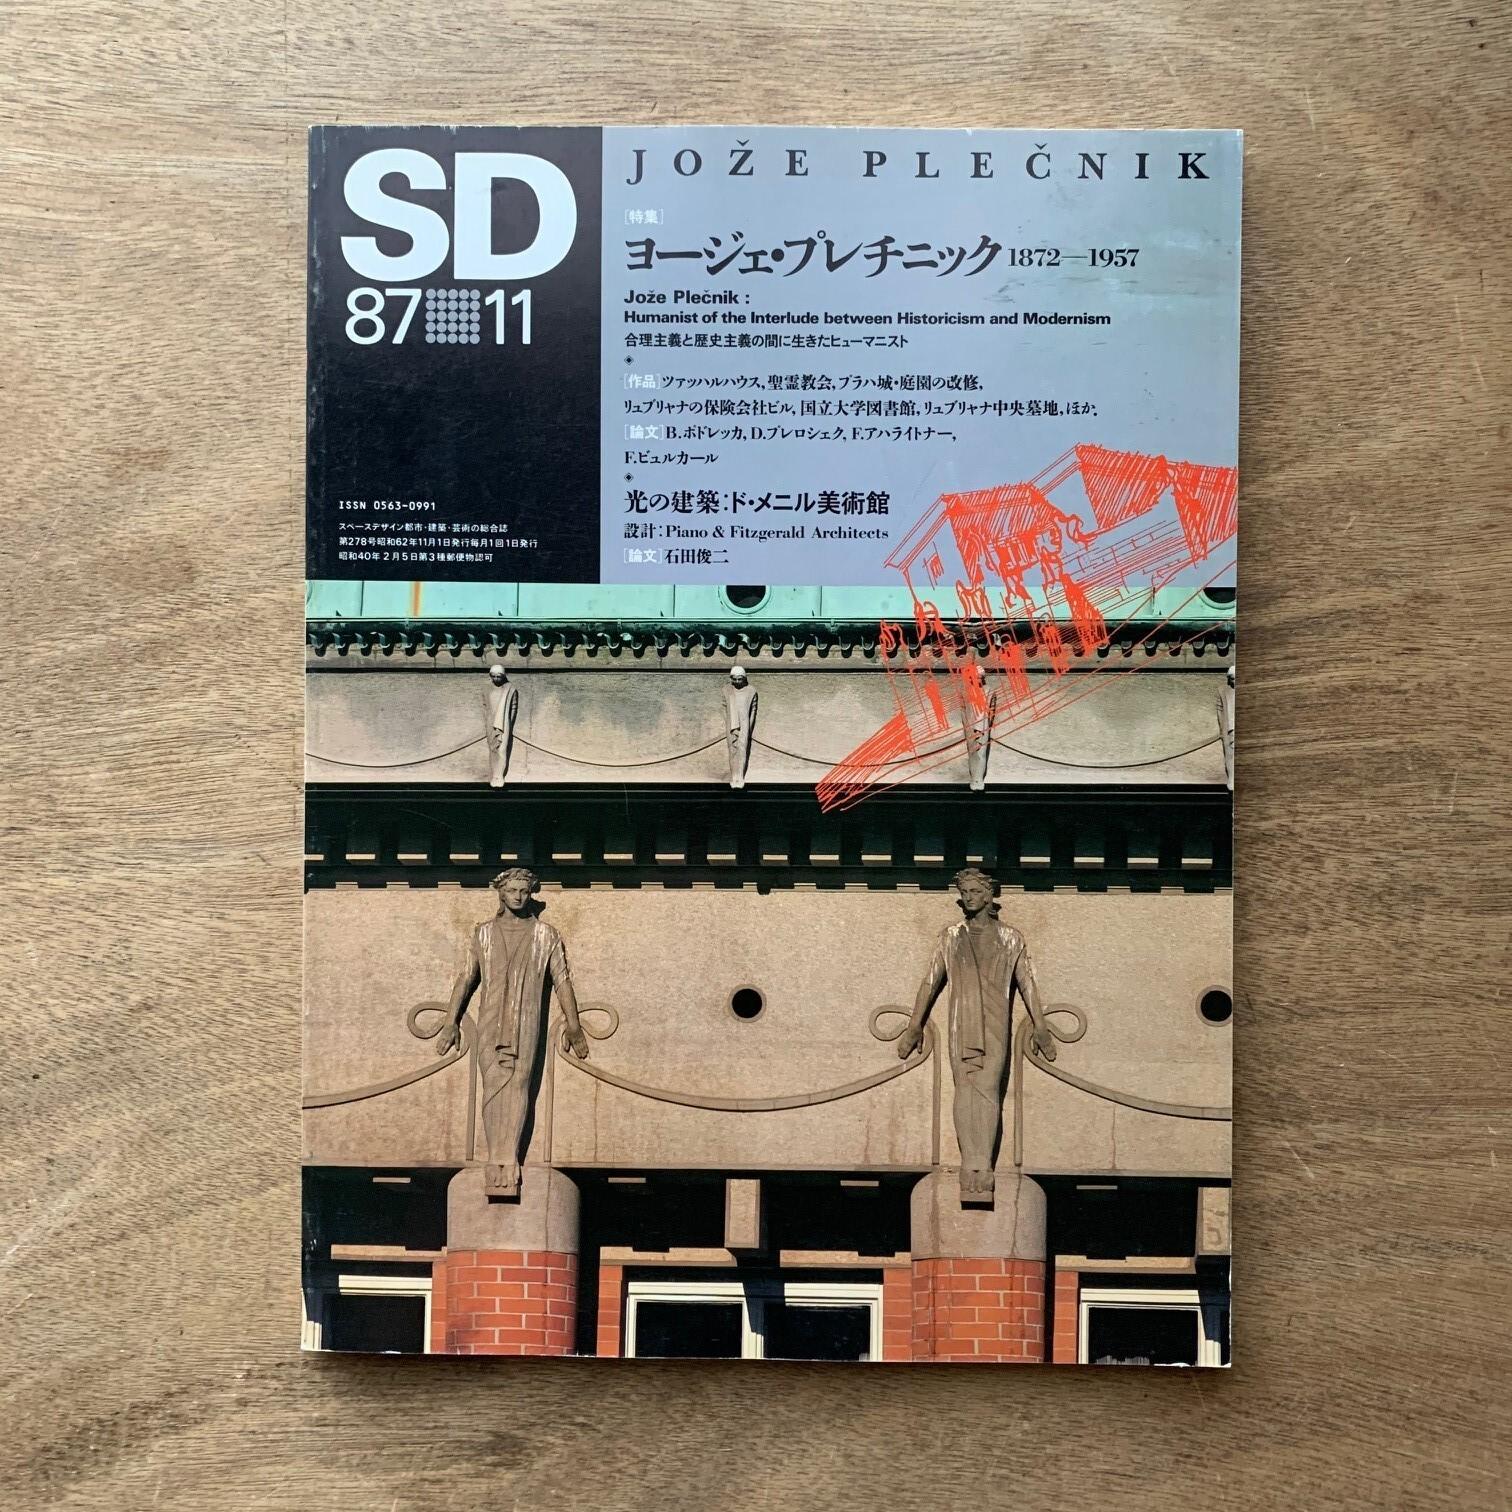 ヨージェ・プレチニック 1872-1957 / SD スペースデザイン 278号